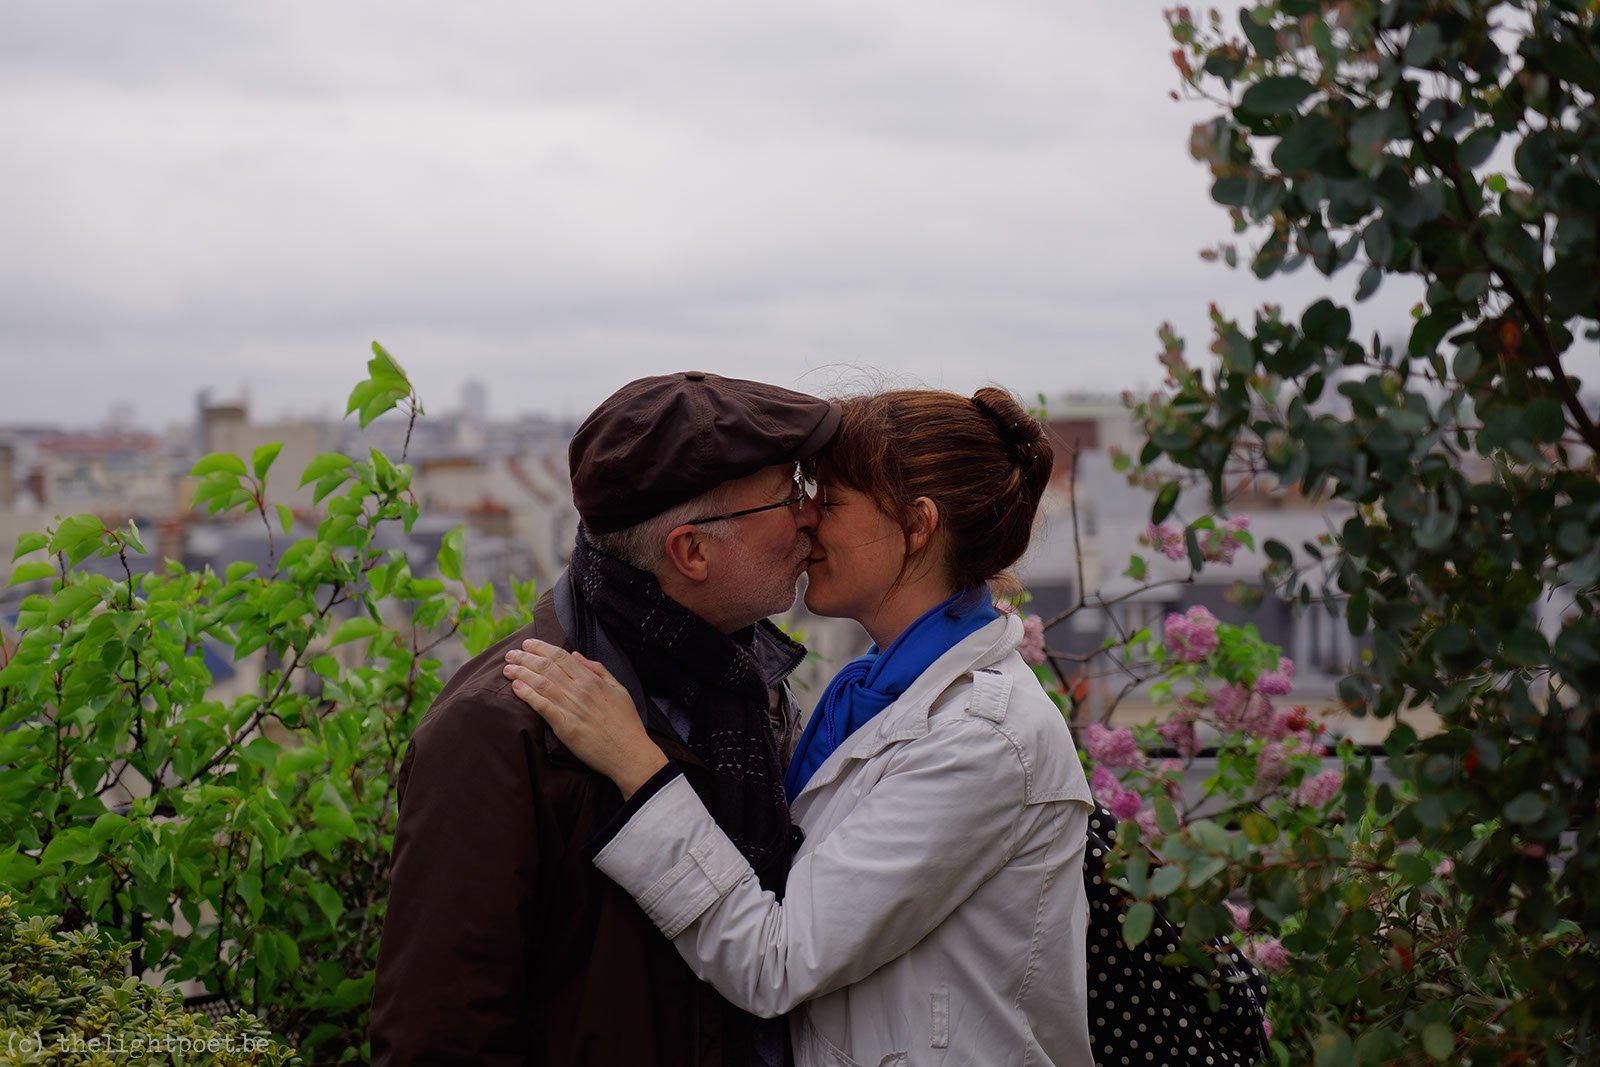 2015_05_Parijs_20150501_174944_DxO_v10_2.jpg